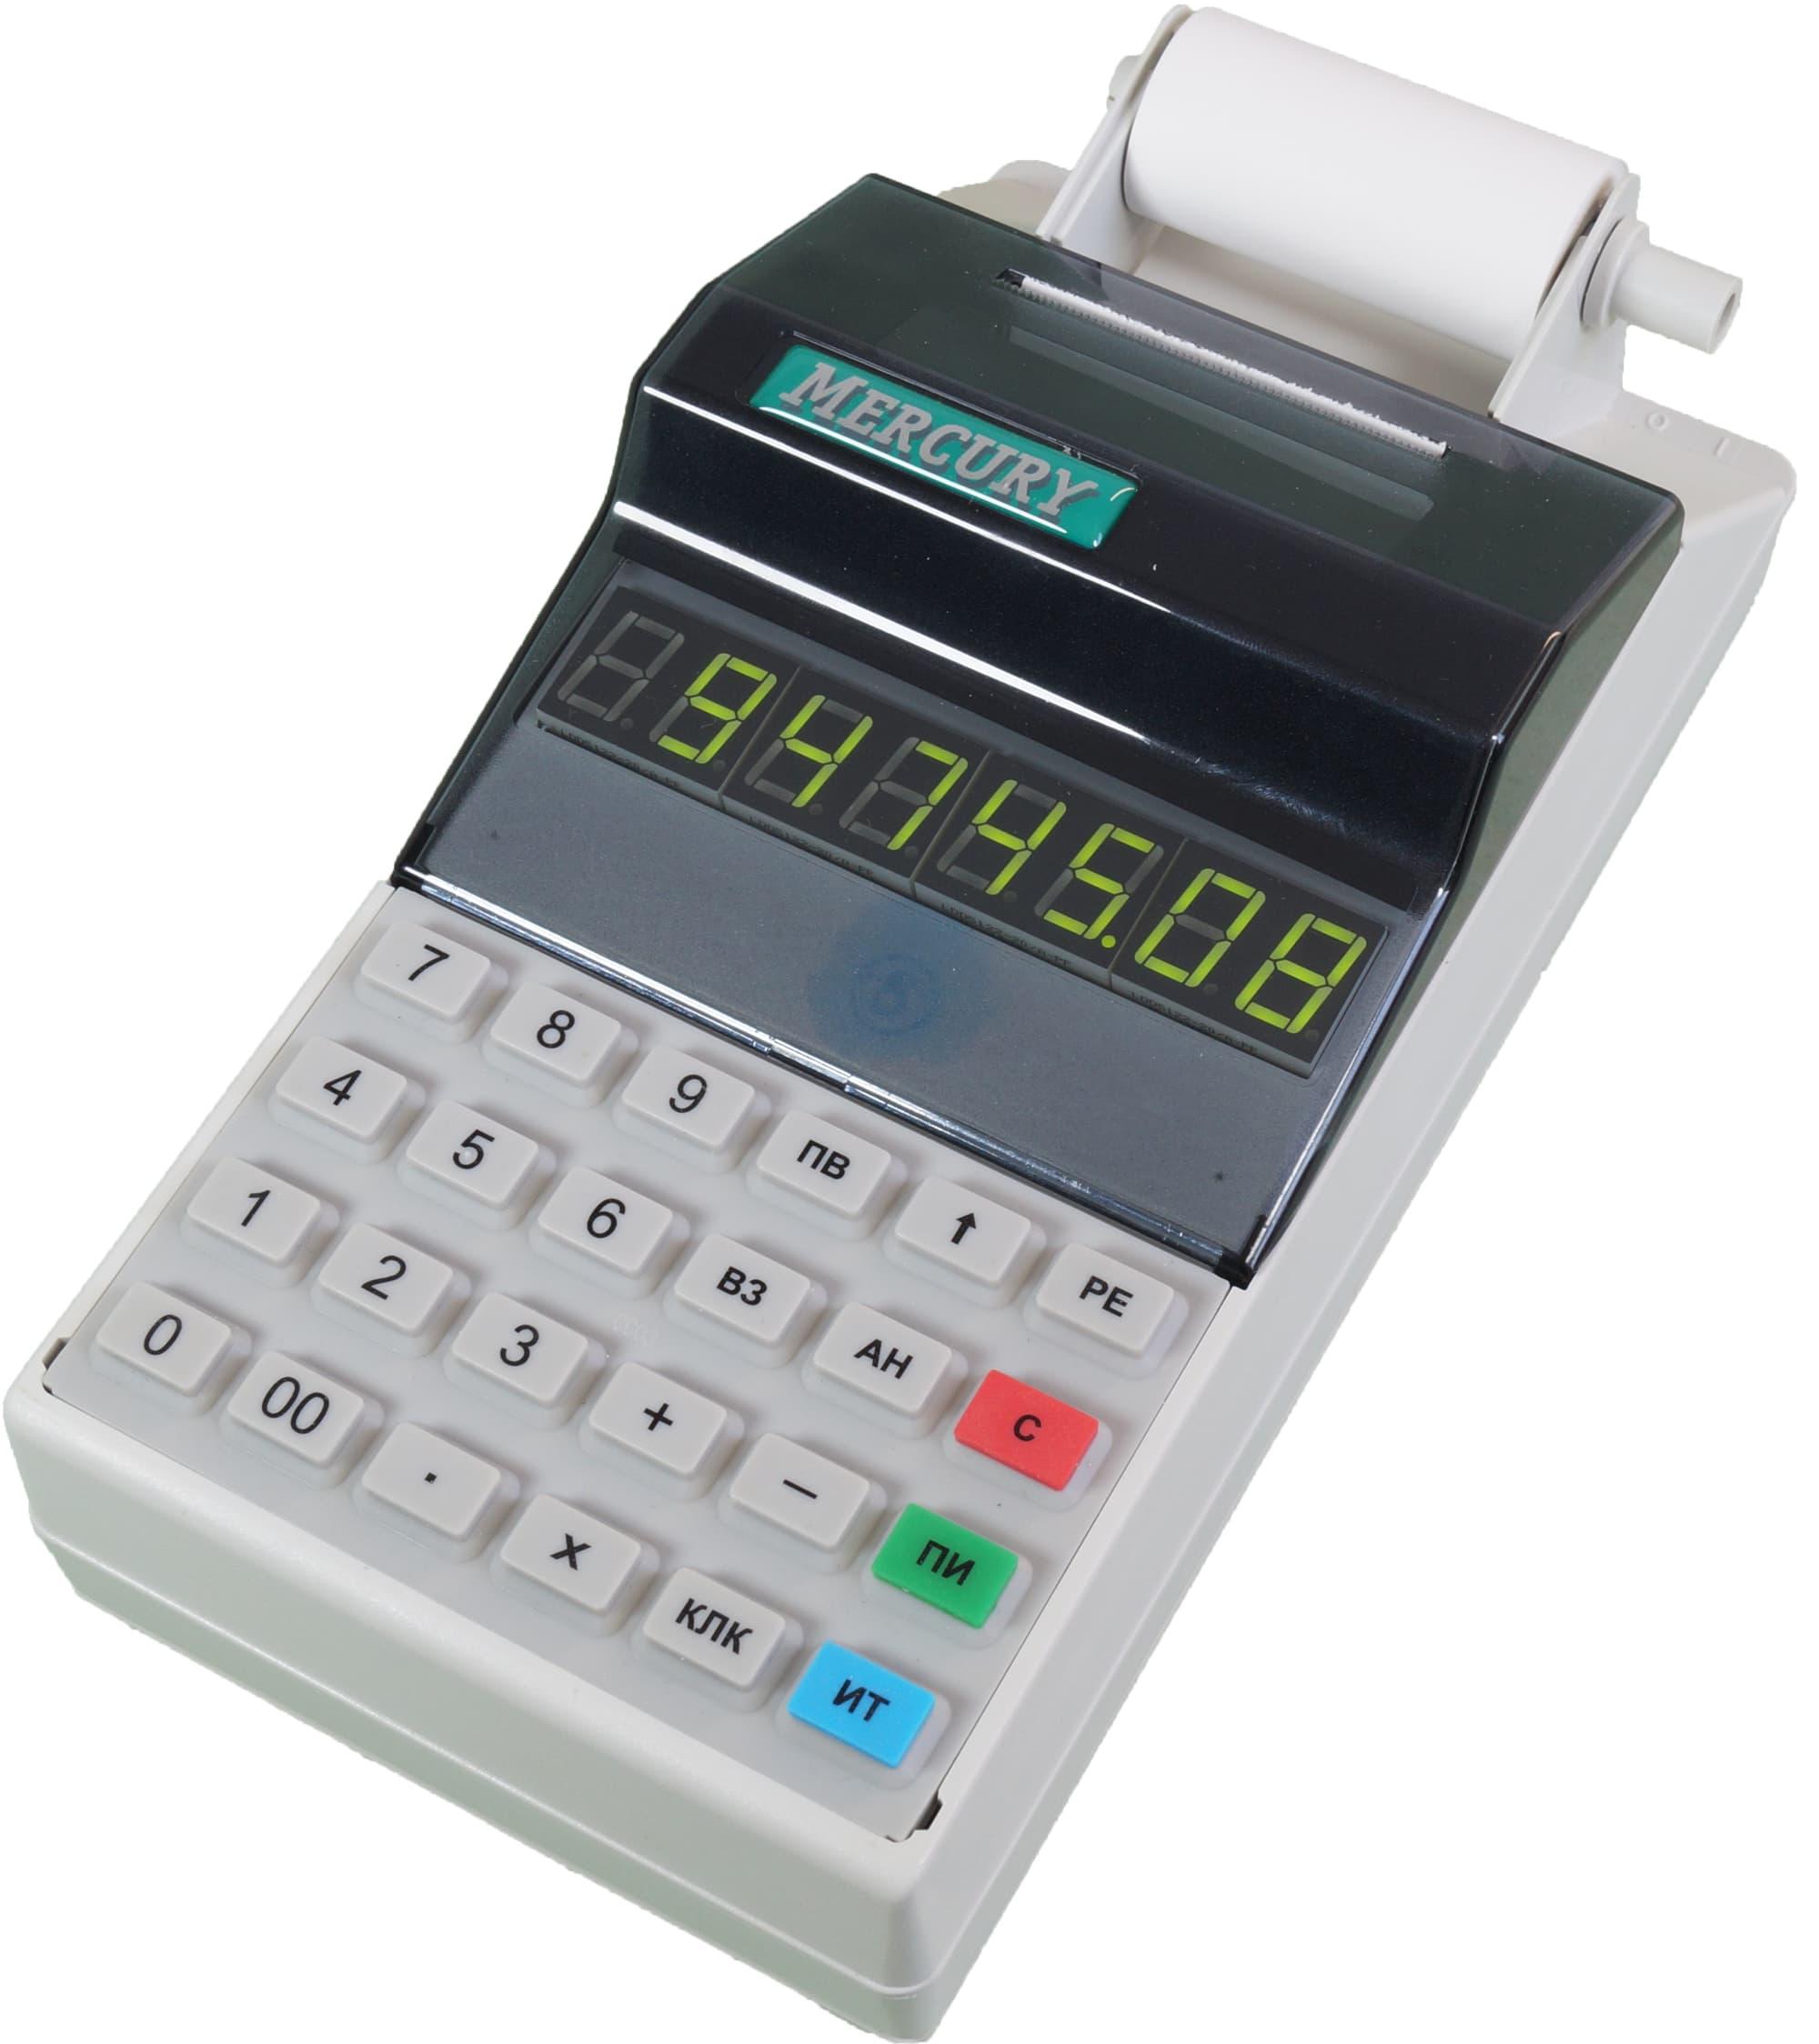 Инструкция к кассовому аппарату меркурий 130ф